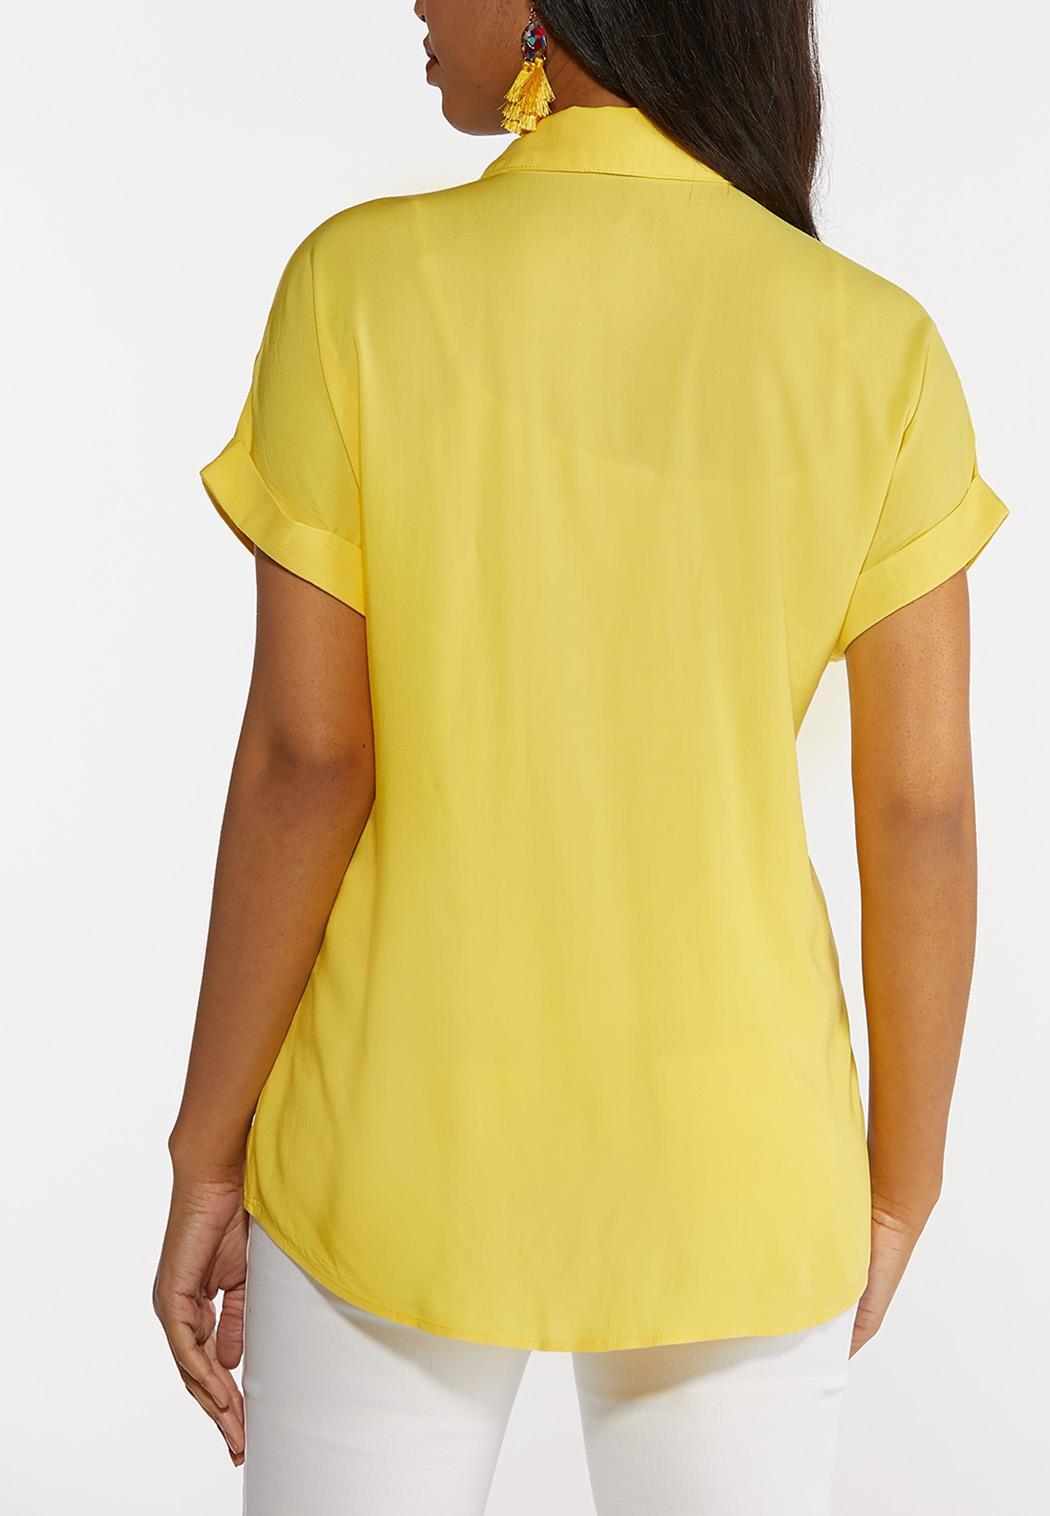 Eyelet Pocket Collared Shirt (Item #44289380)